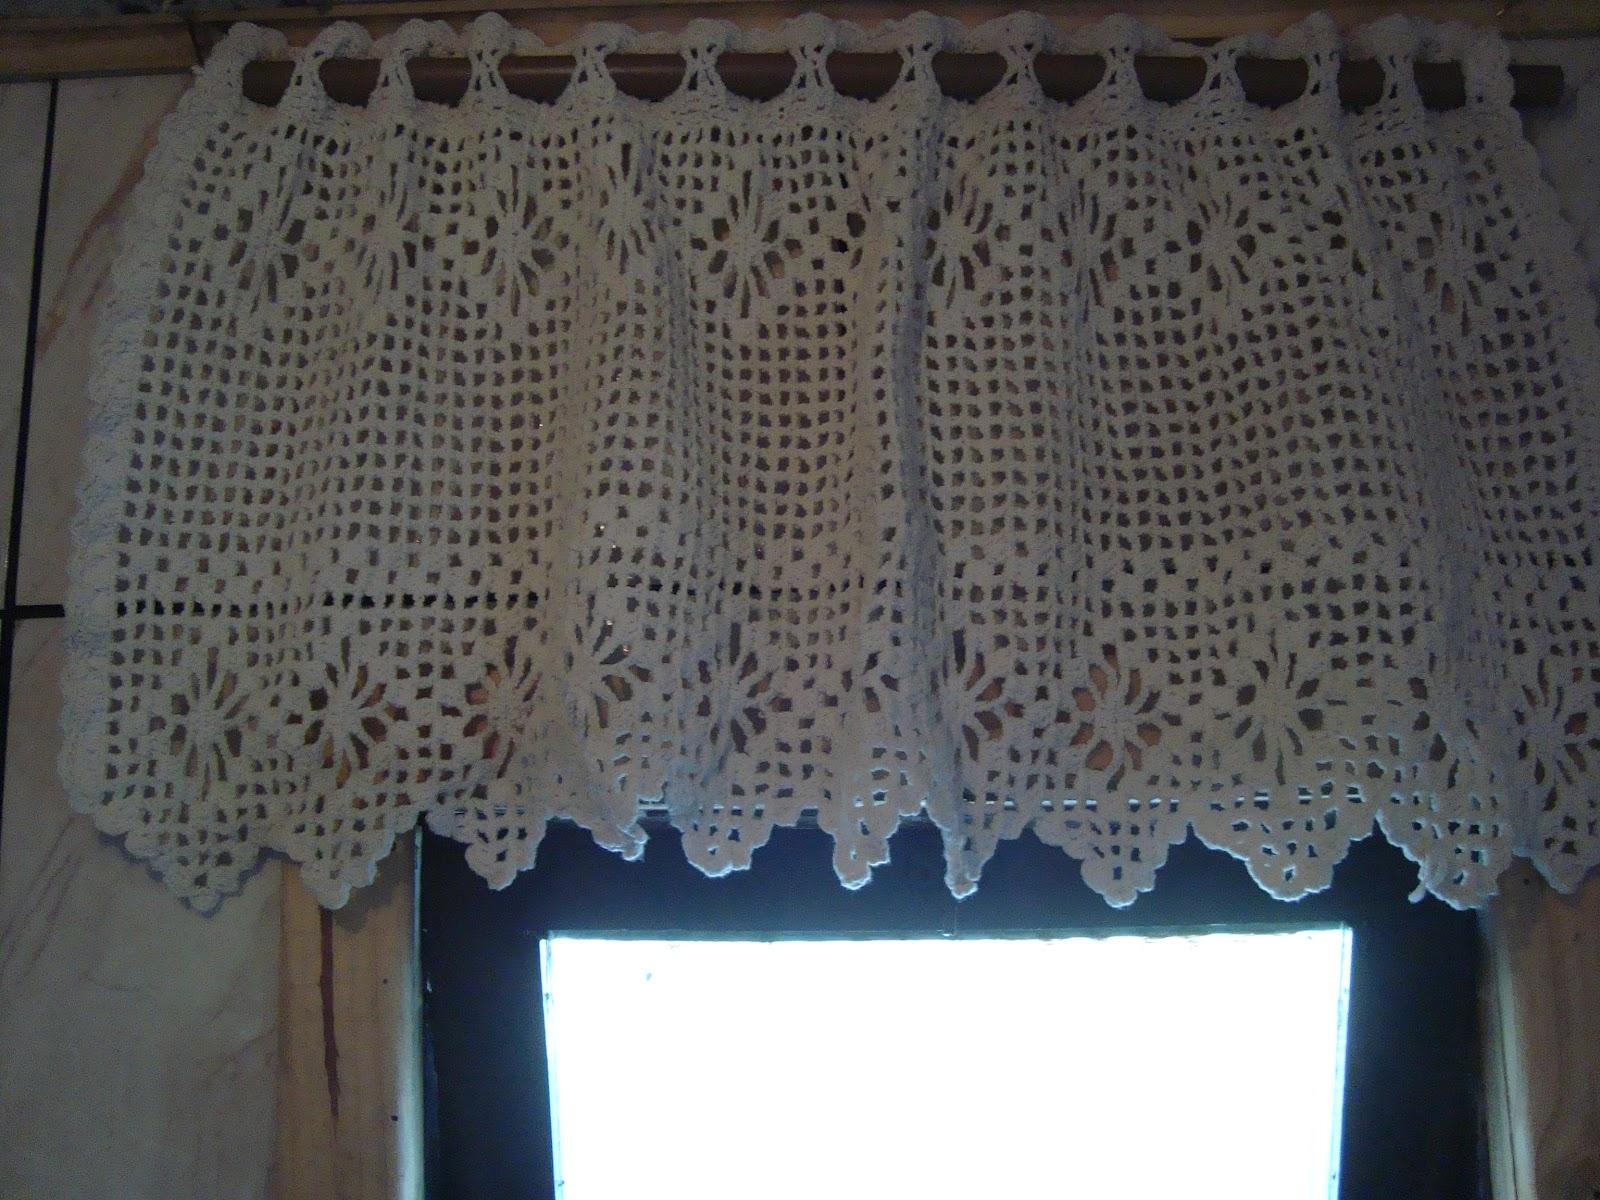 Artes Arteiras: Cortina de crochê para janela banheiro #3C758F 1600x1200 Banheiro Com Box De Cortina